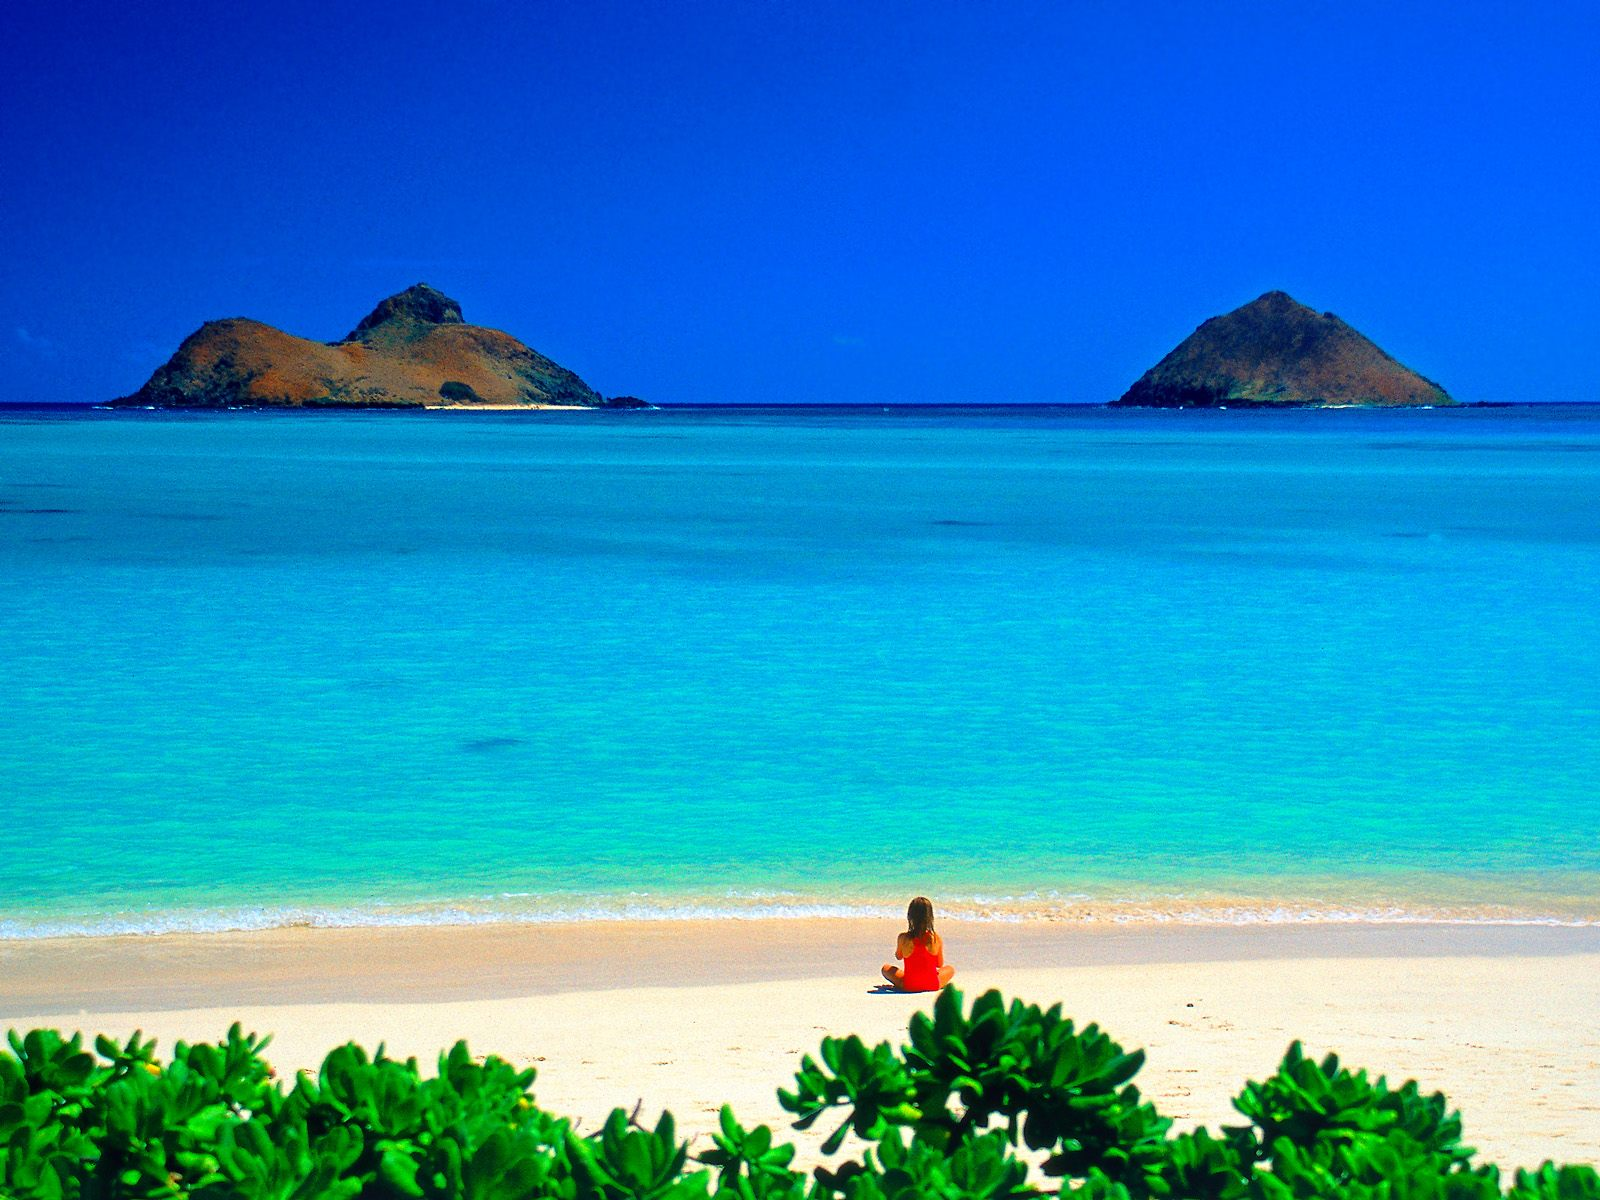 ハワイ 風景 壁紙